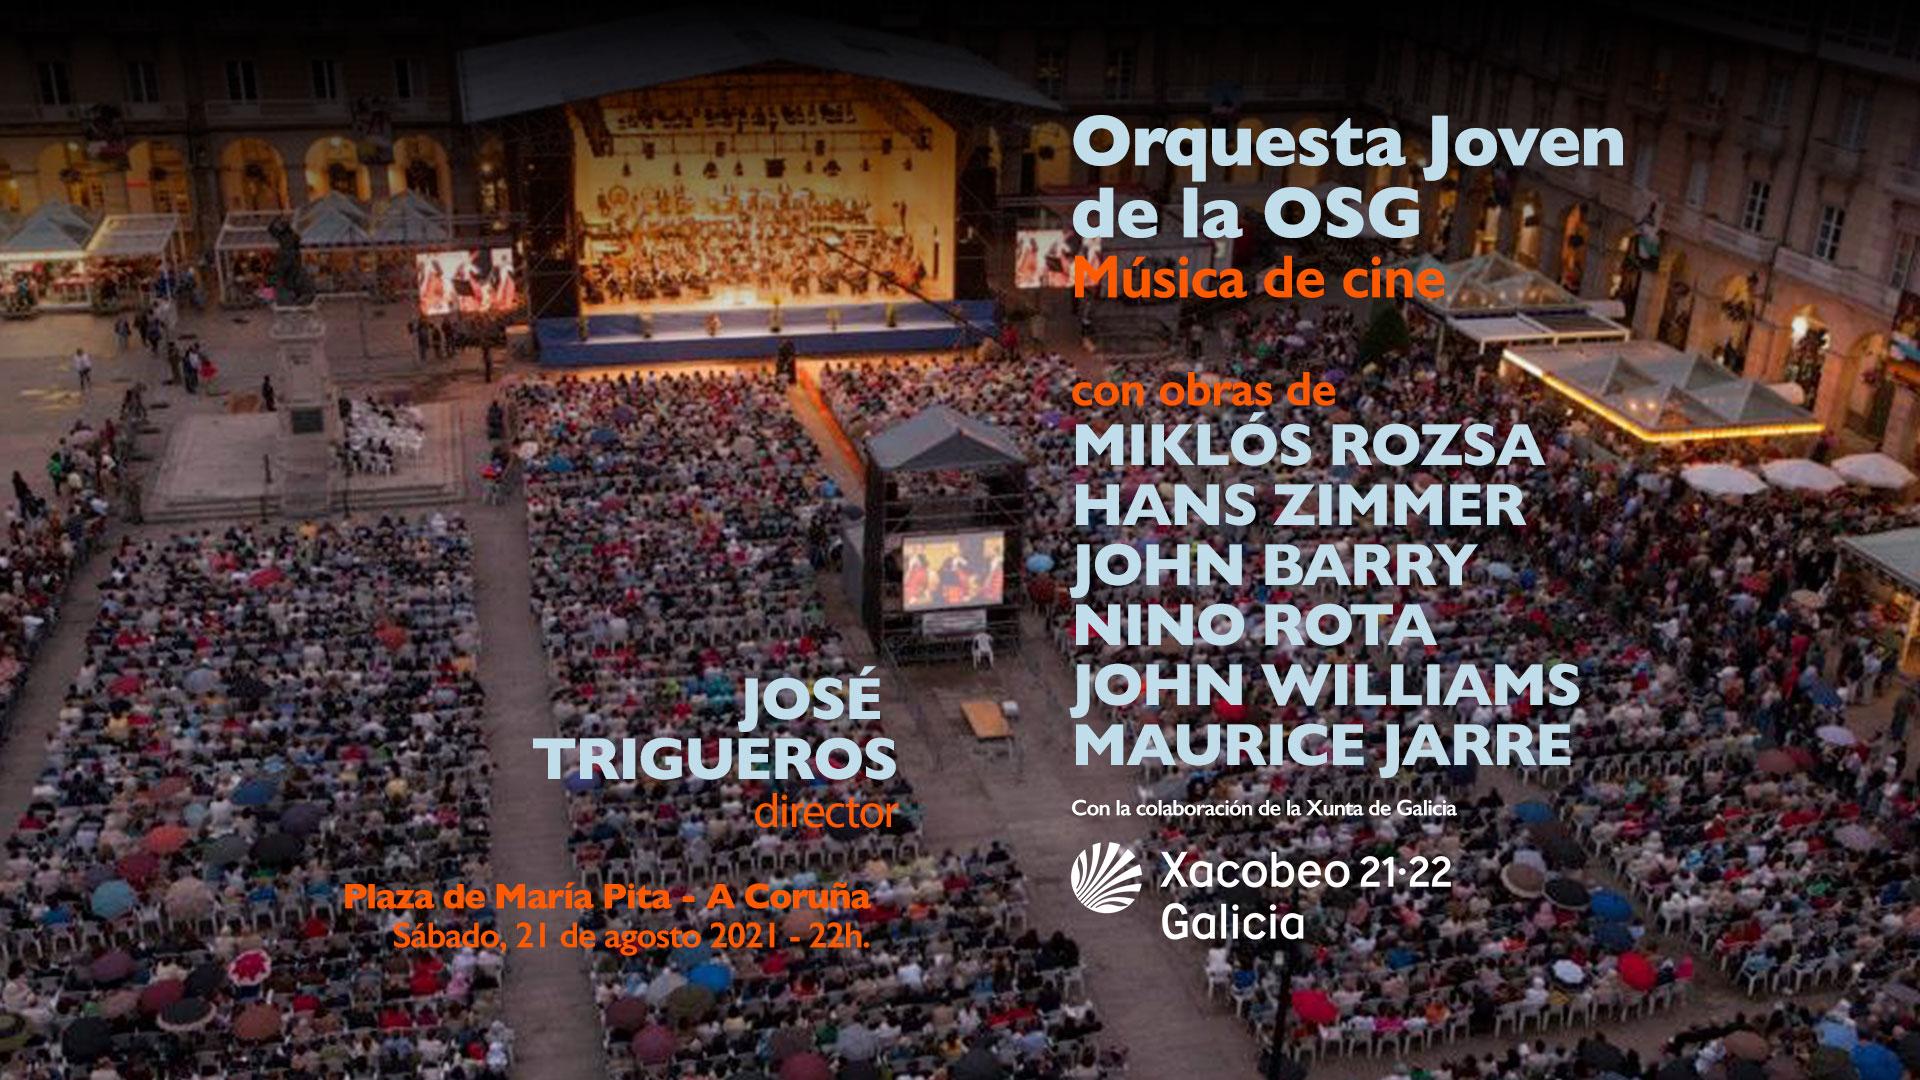 Orquesta Joven de la OSG - María Pita 2021